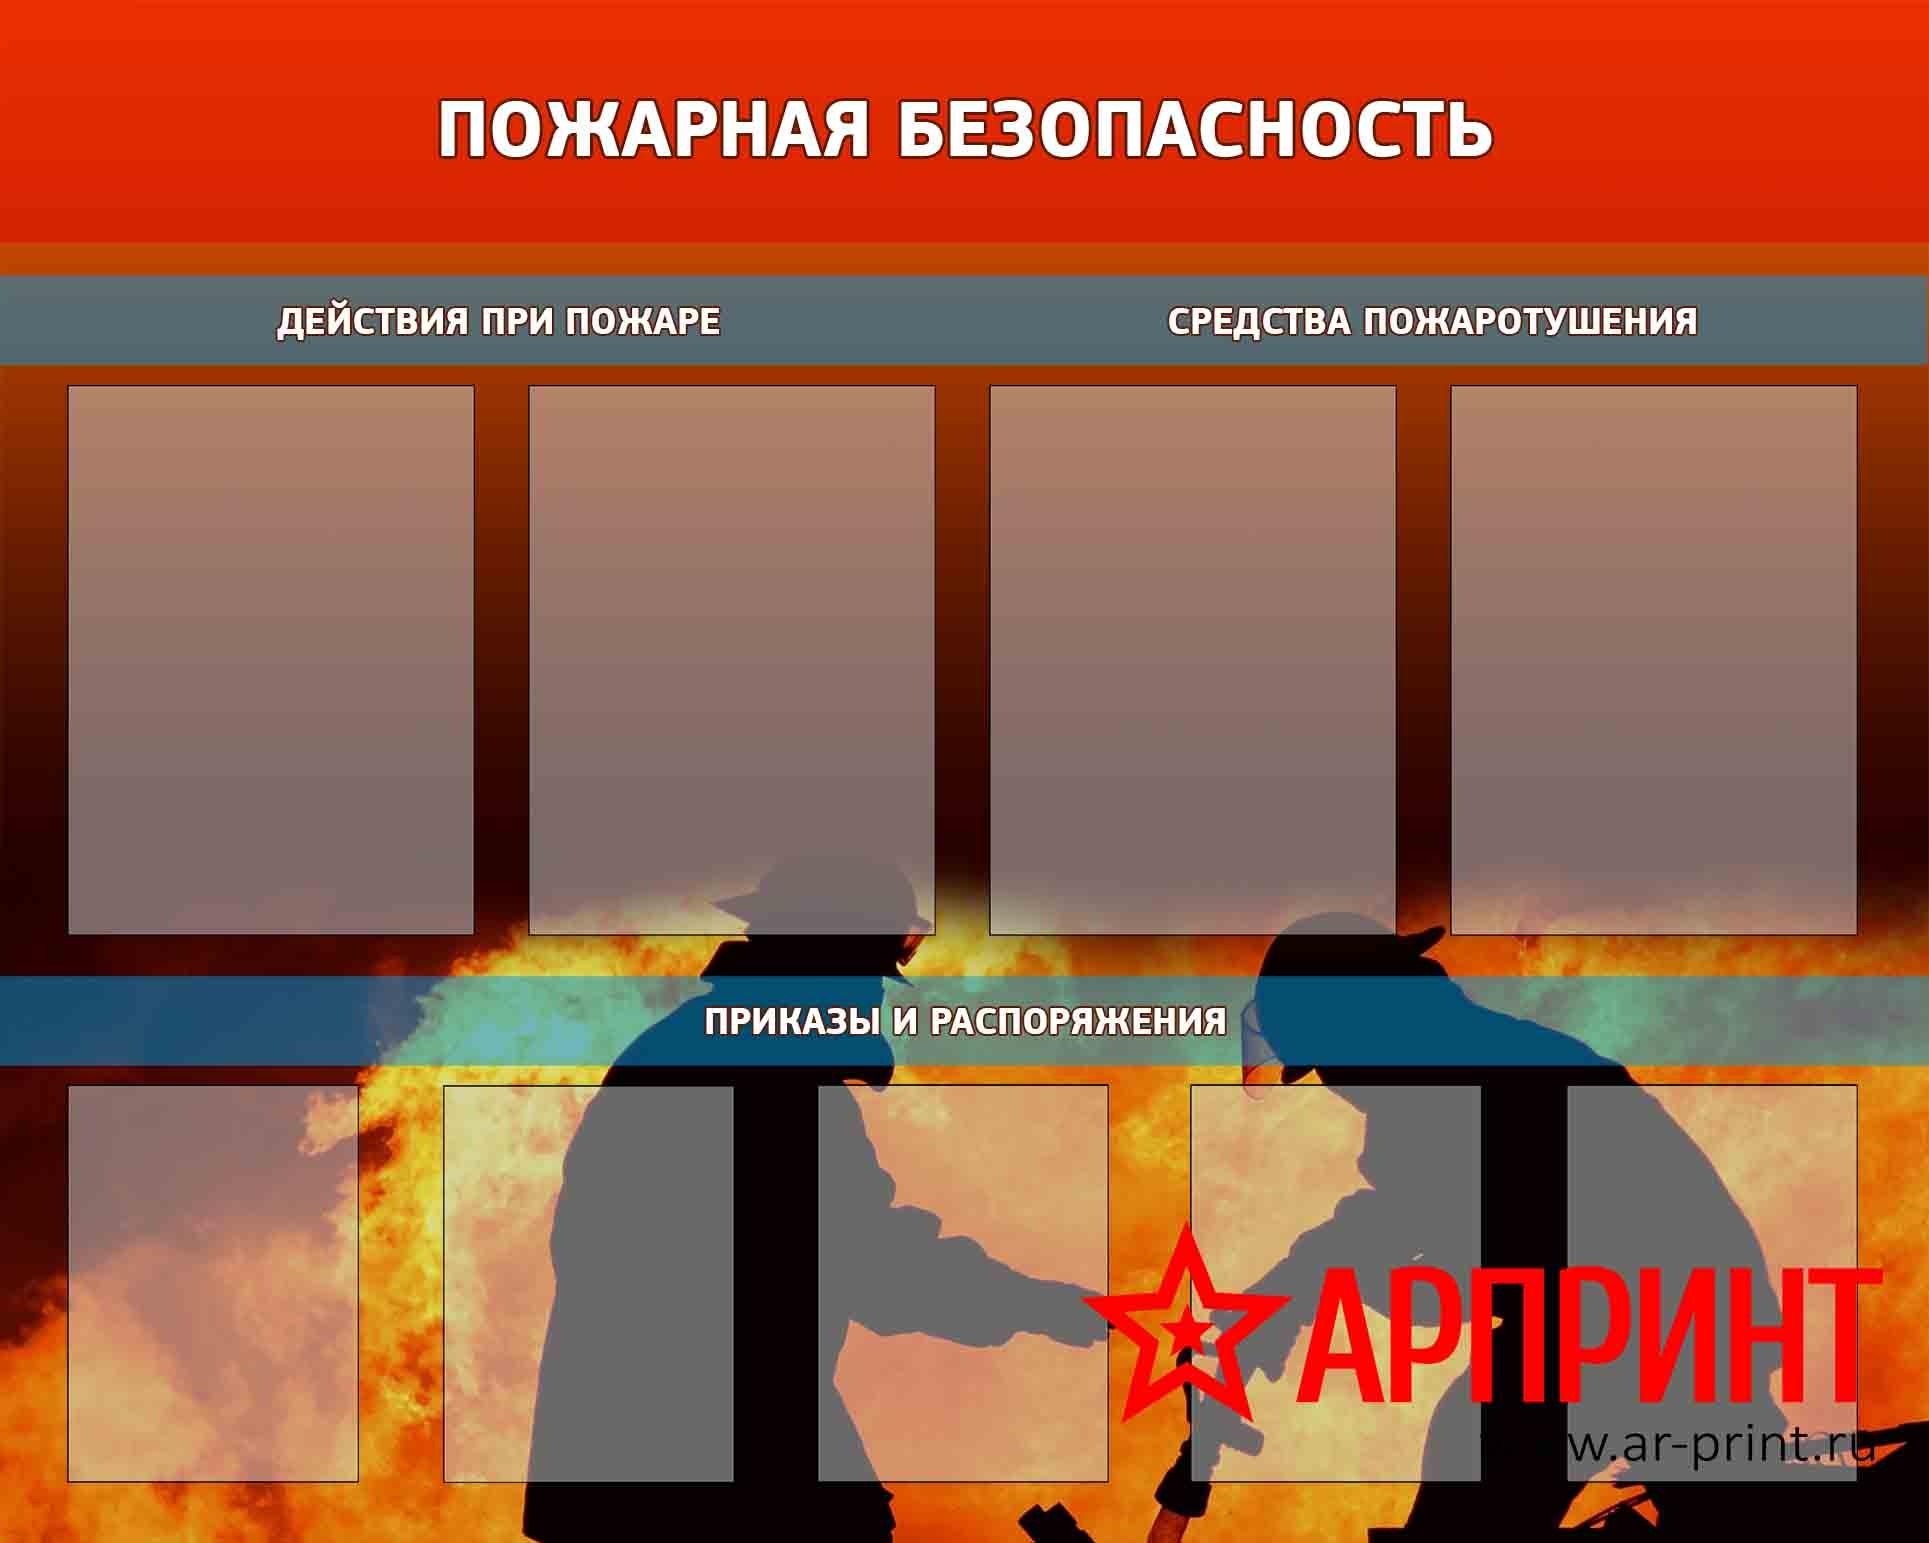 Пожарная безопасность 150х120 см для сайта